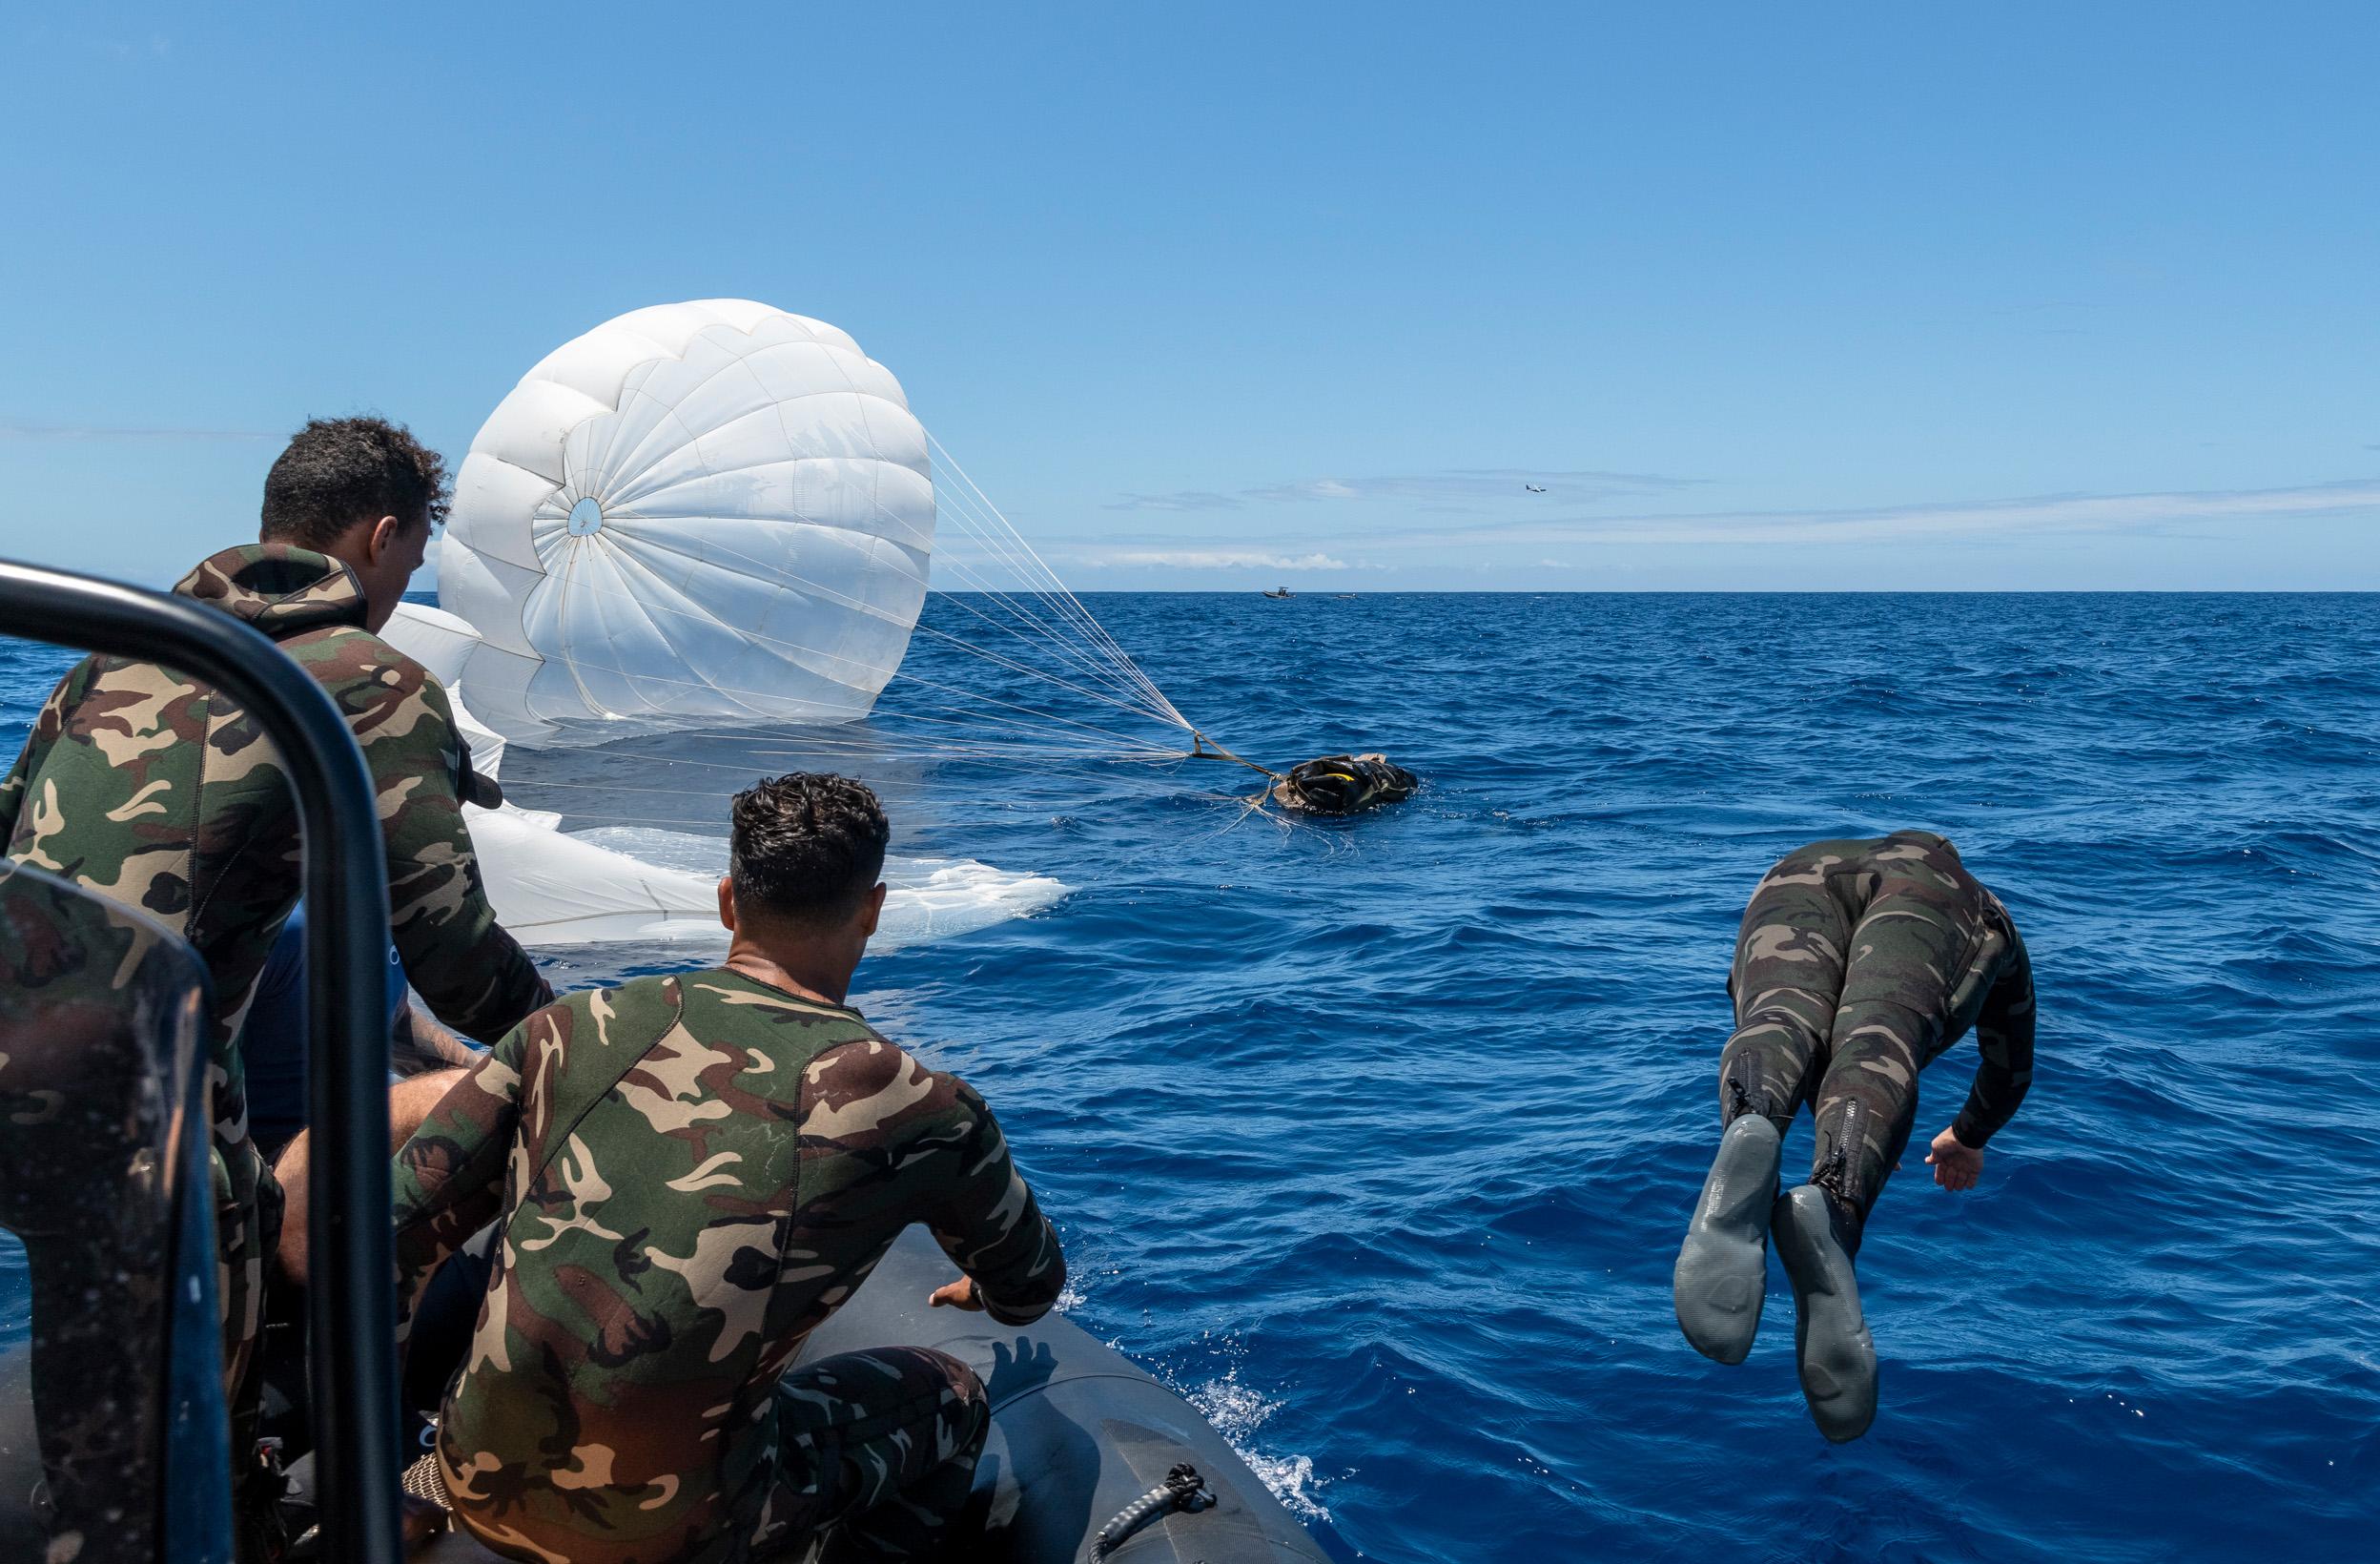 FAZSOI: exercice d'infiltration maritime avec le 2e RPIMa